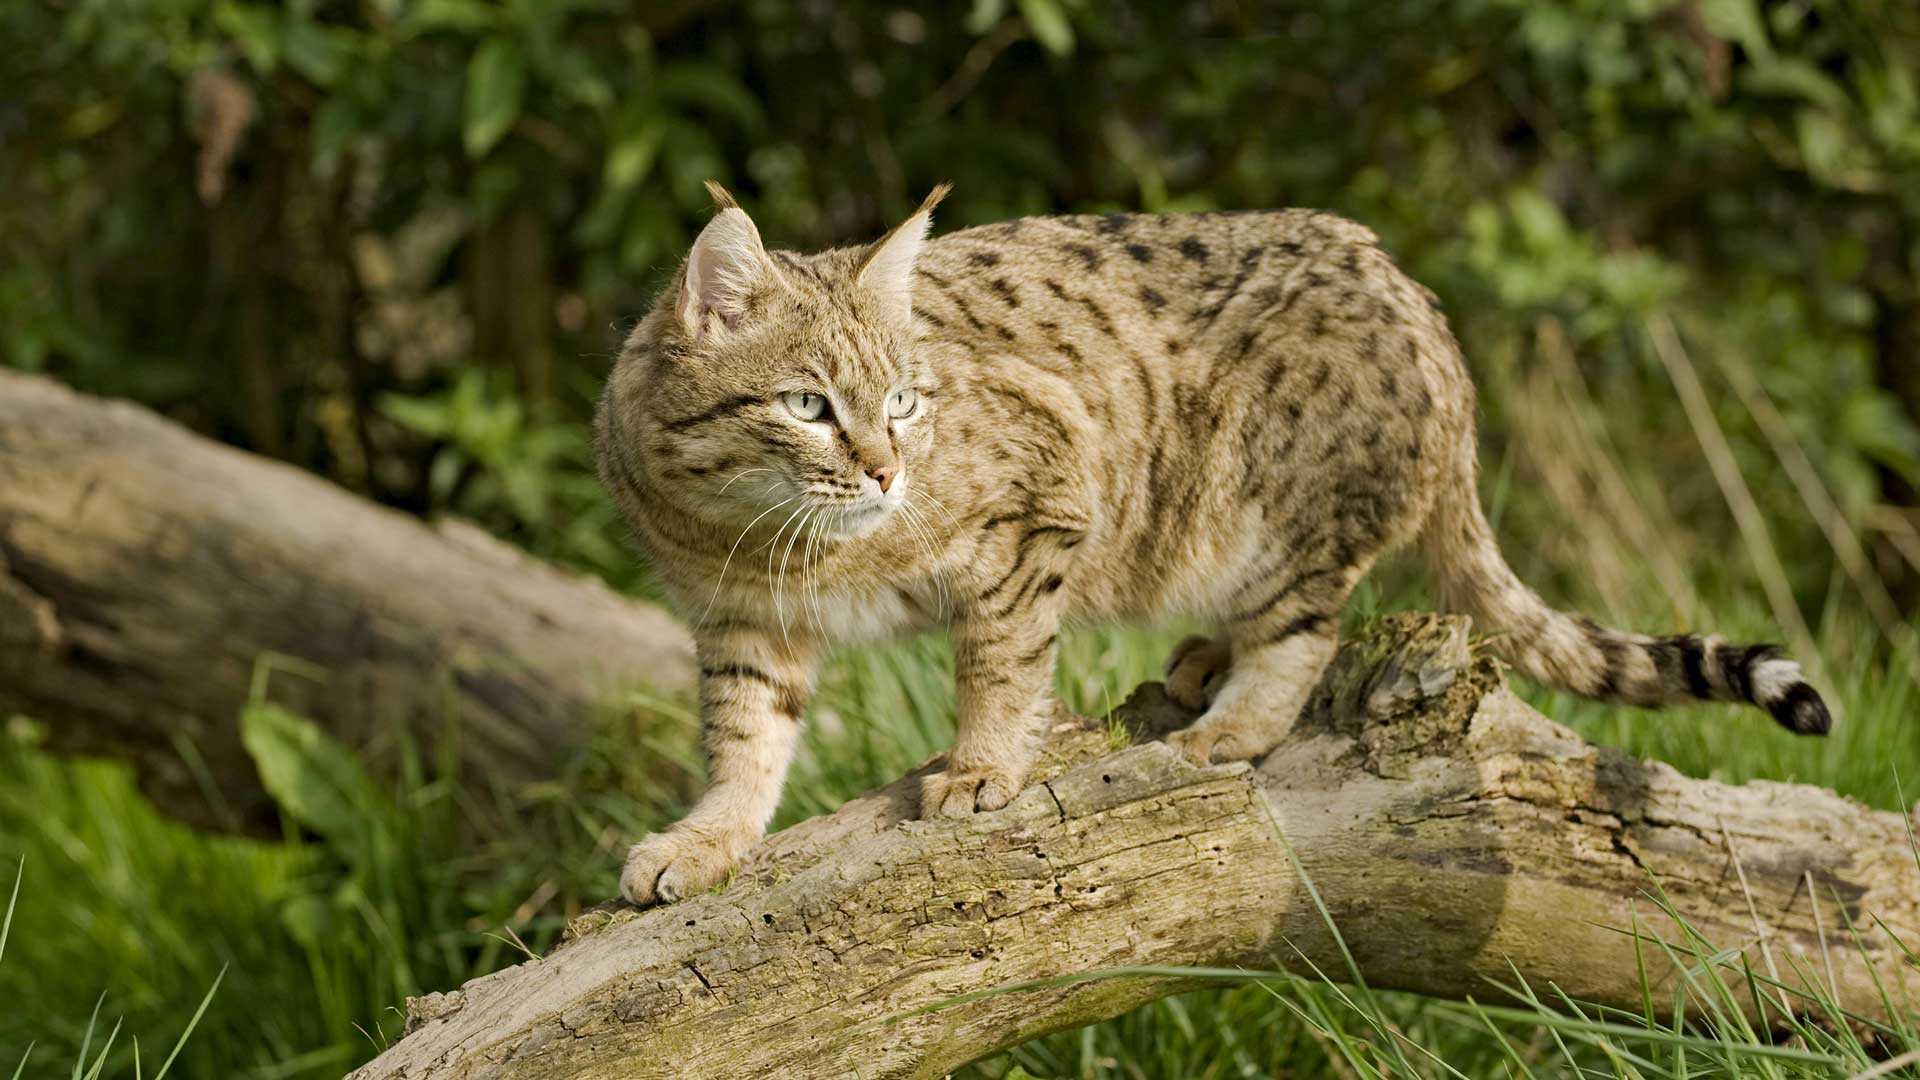 Asiatische Steppenkatze, die letzte der drei Arten von Wildkatzen